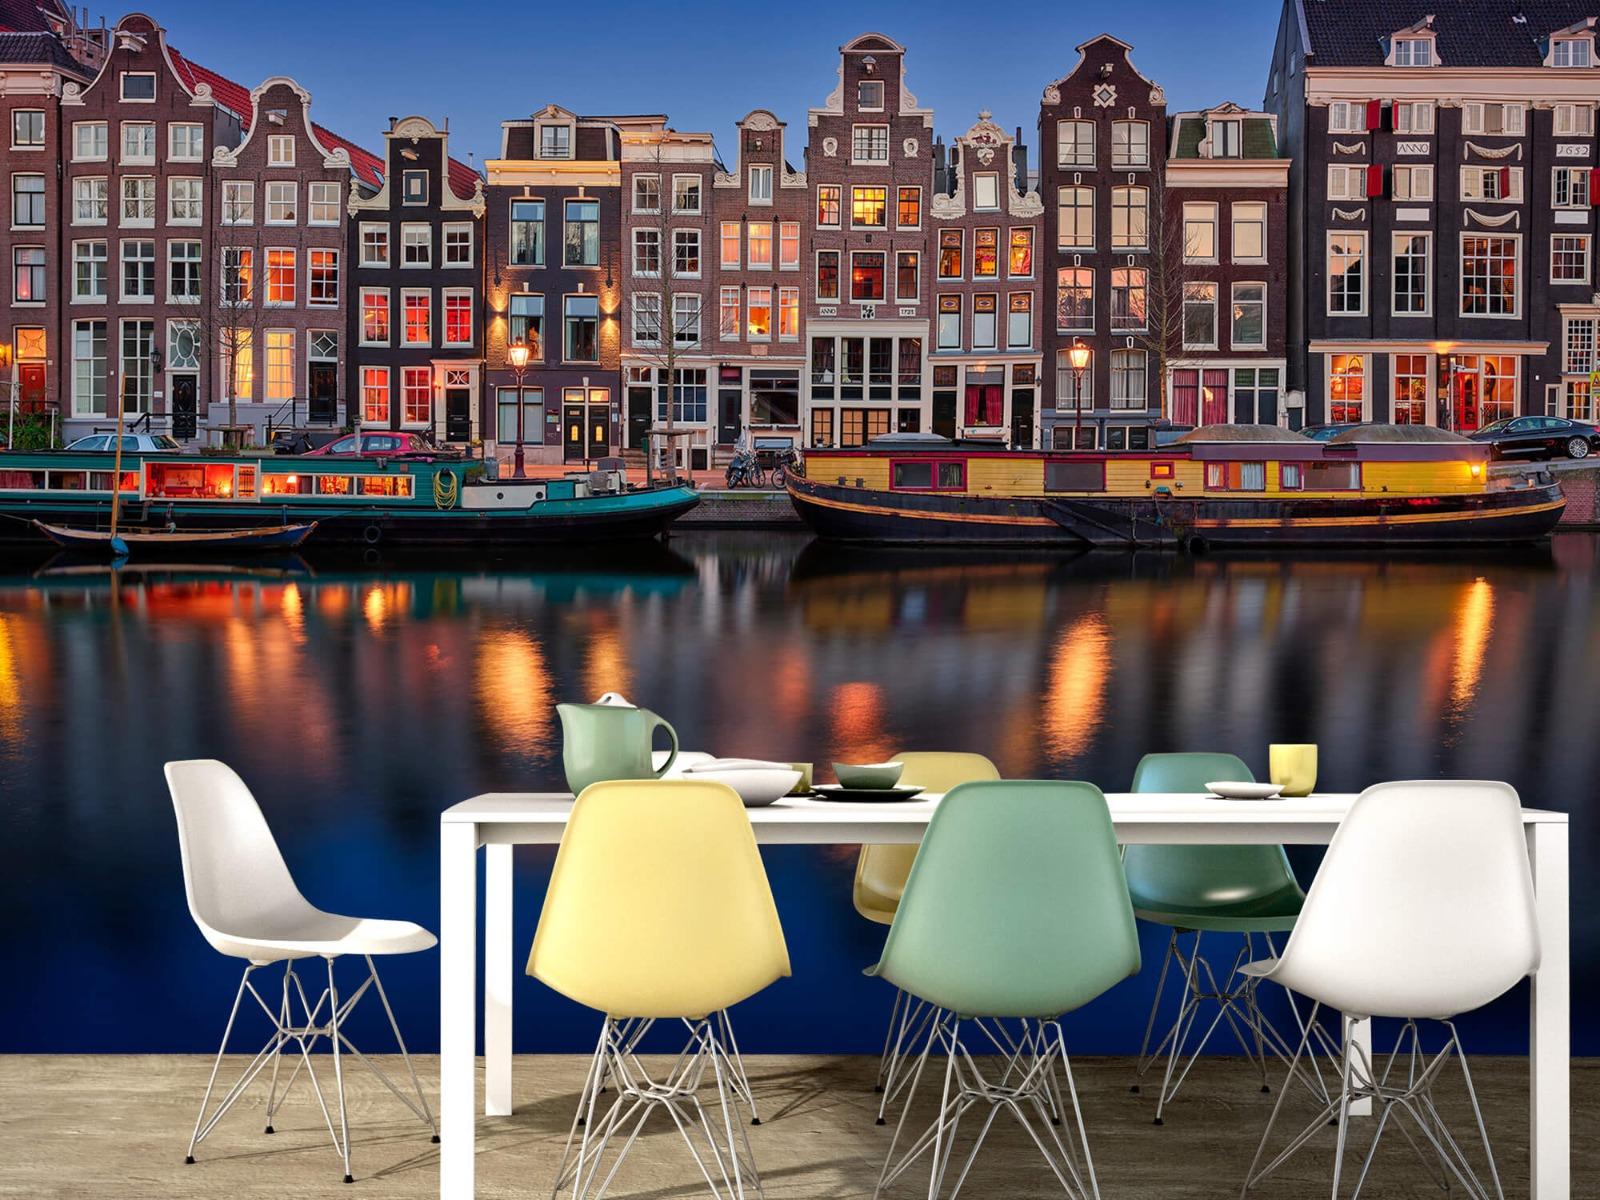 Architectuur - Grachtenpanden Amsterdam - Tienerkamer 15